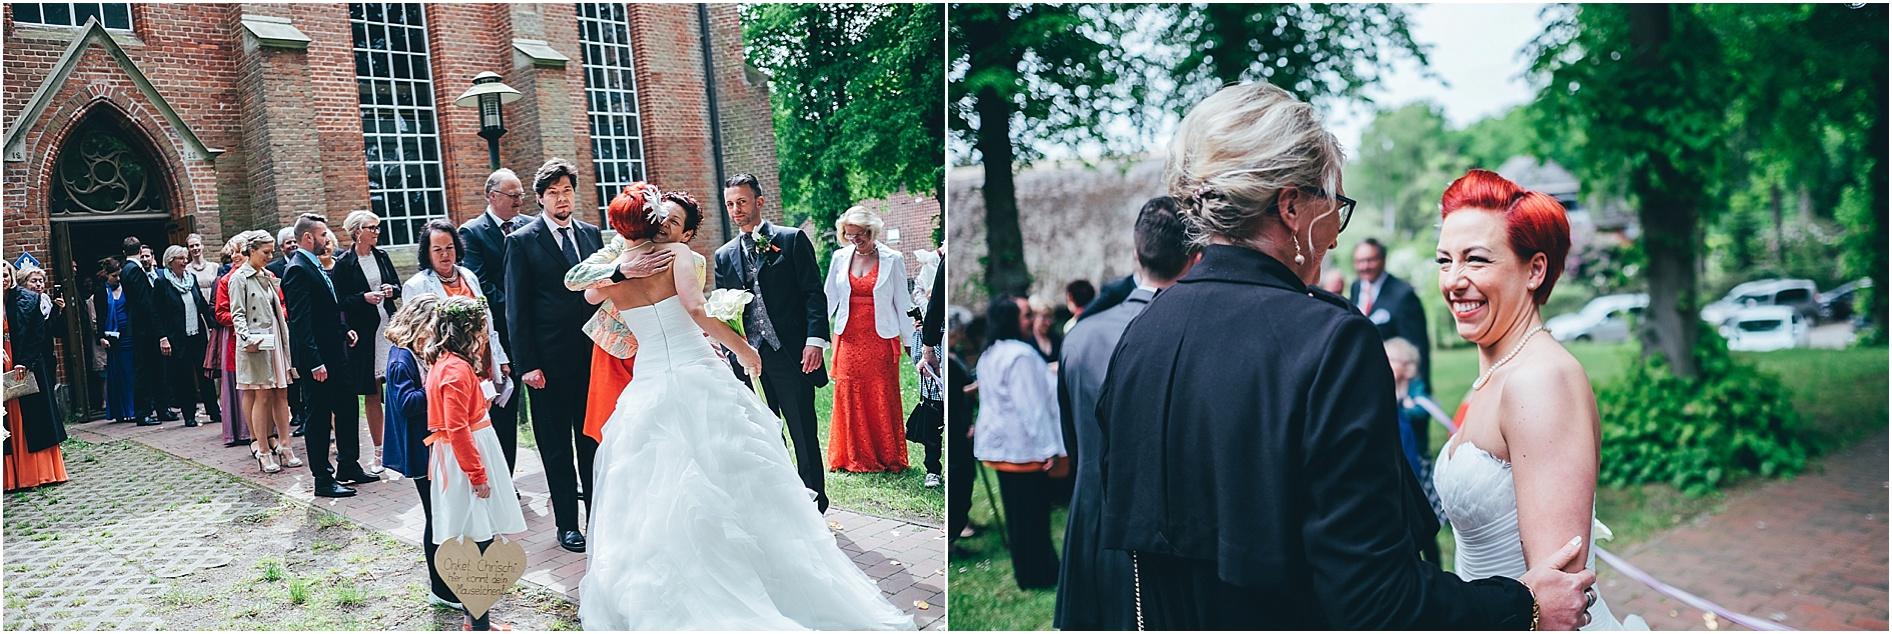 2015-10-27_0046 Tine & Chrischan - Hochzeitsfilm & Fotos in Lüneburg